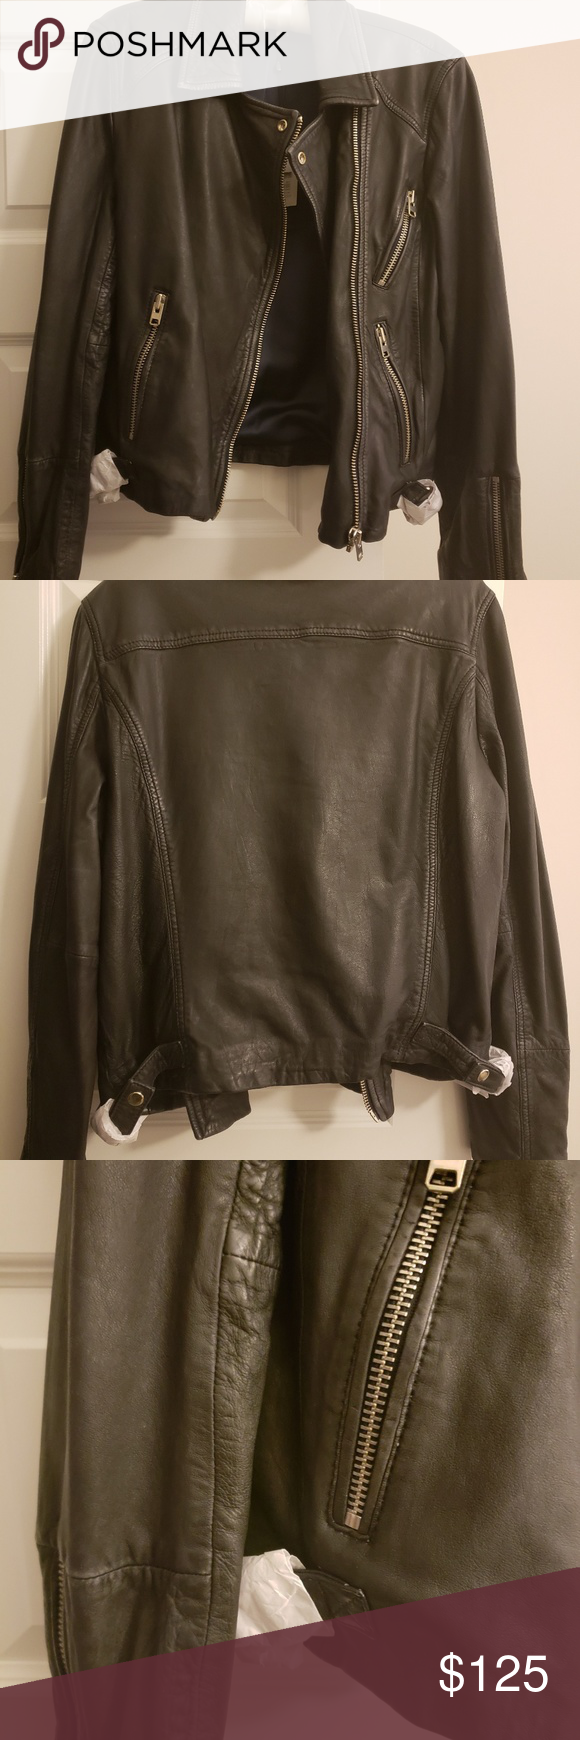 Black Leather Jacket US size 12 Genuine leather